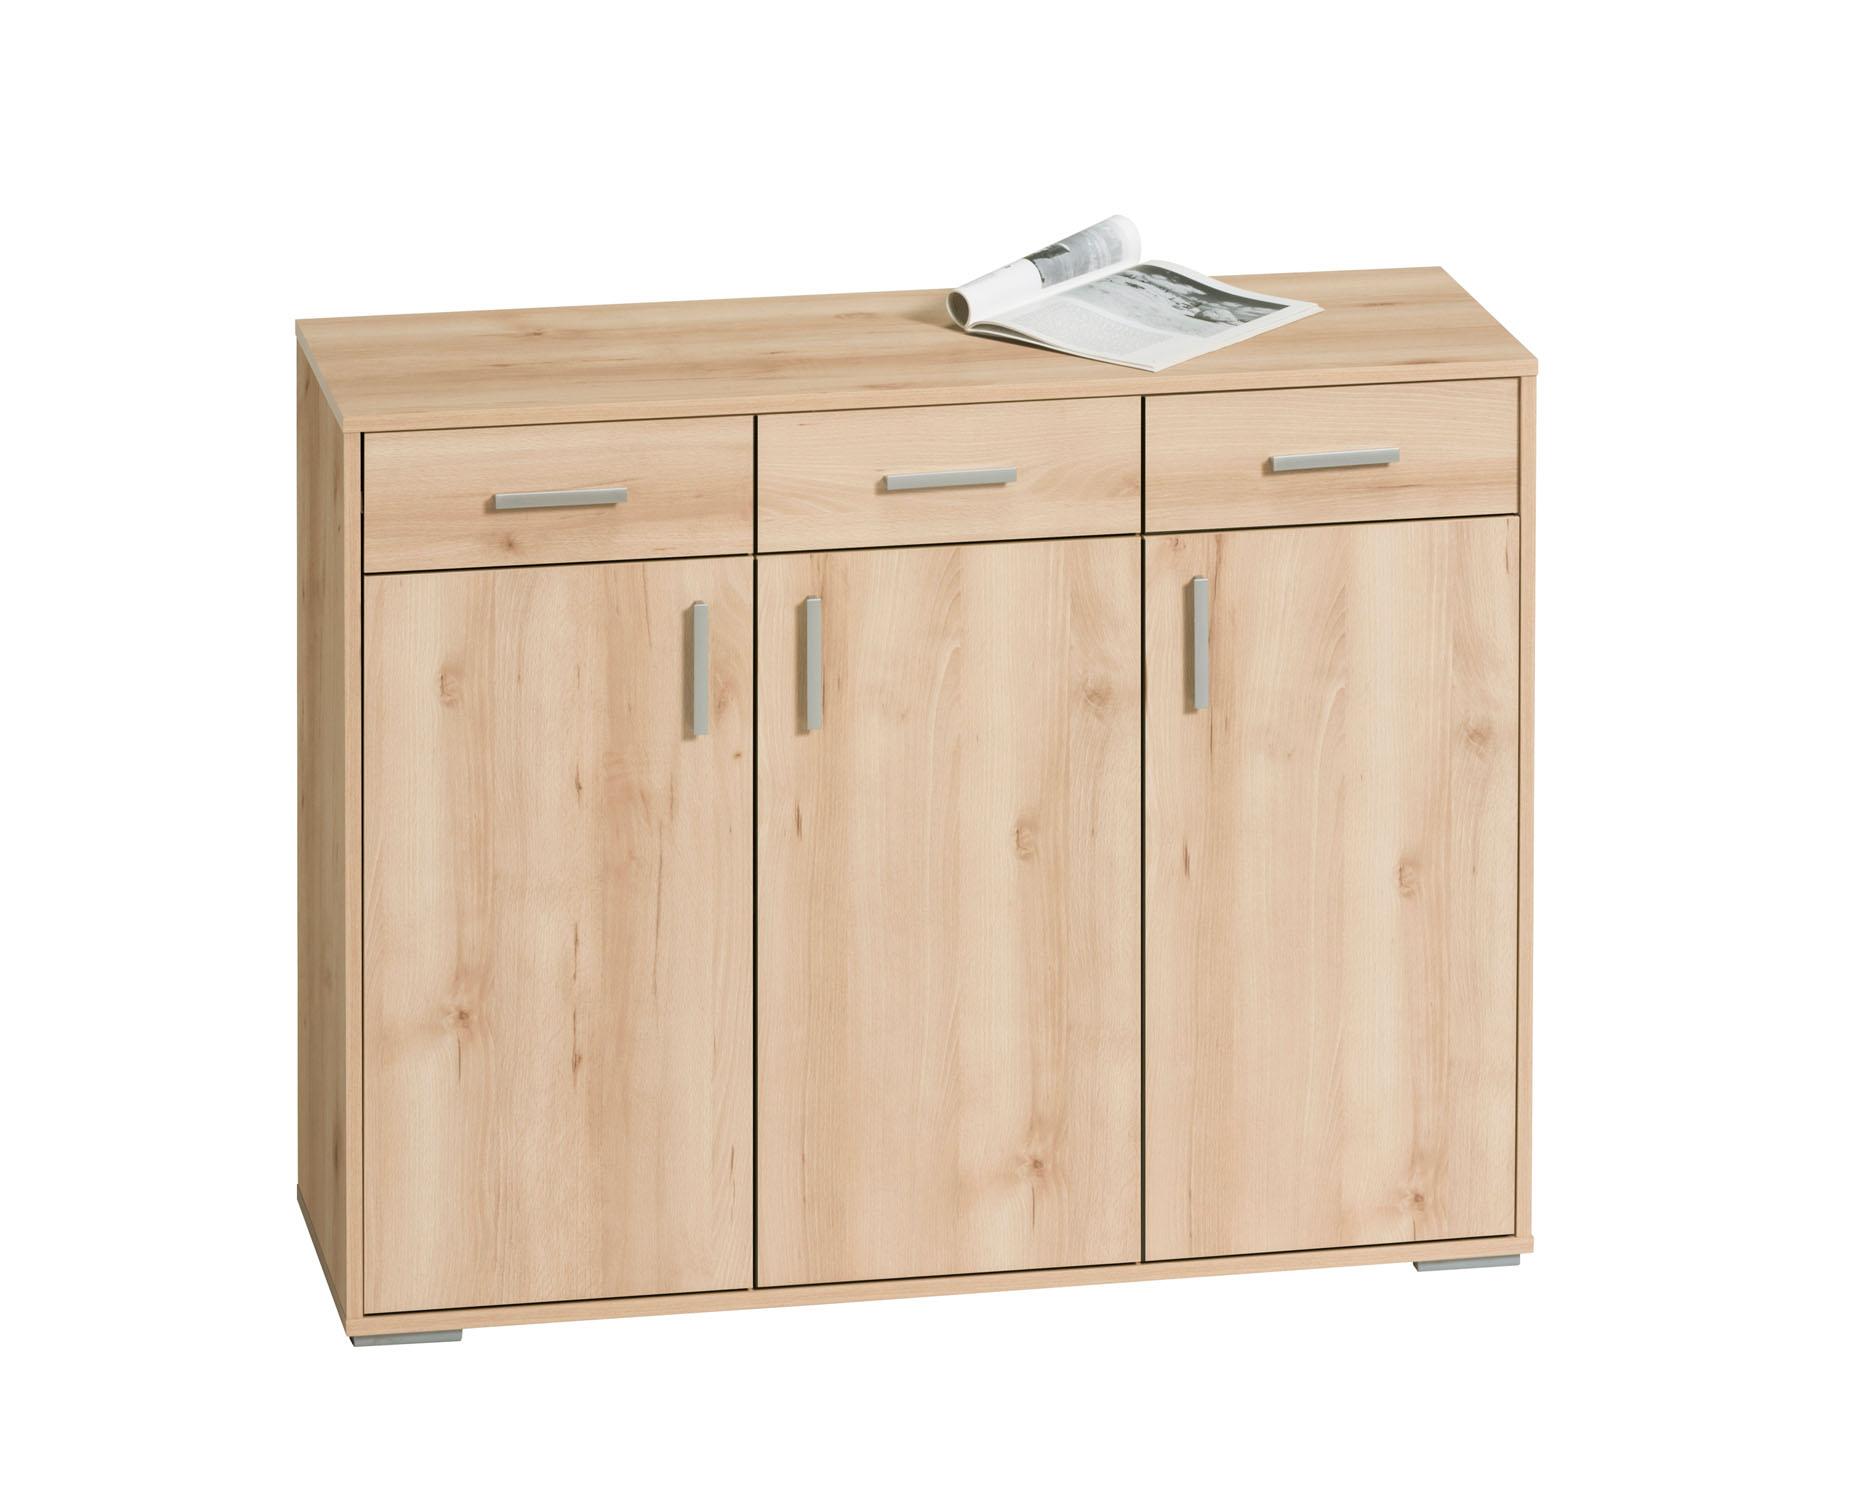 kommode sideboard anrichte aktenschrank flurkommode. Black Bedroom Furniture Sets. Home Design Ideas